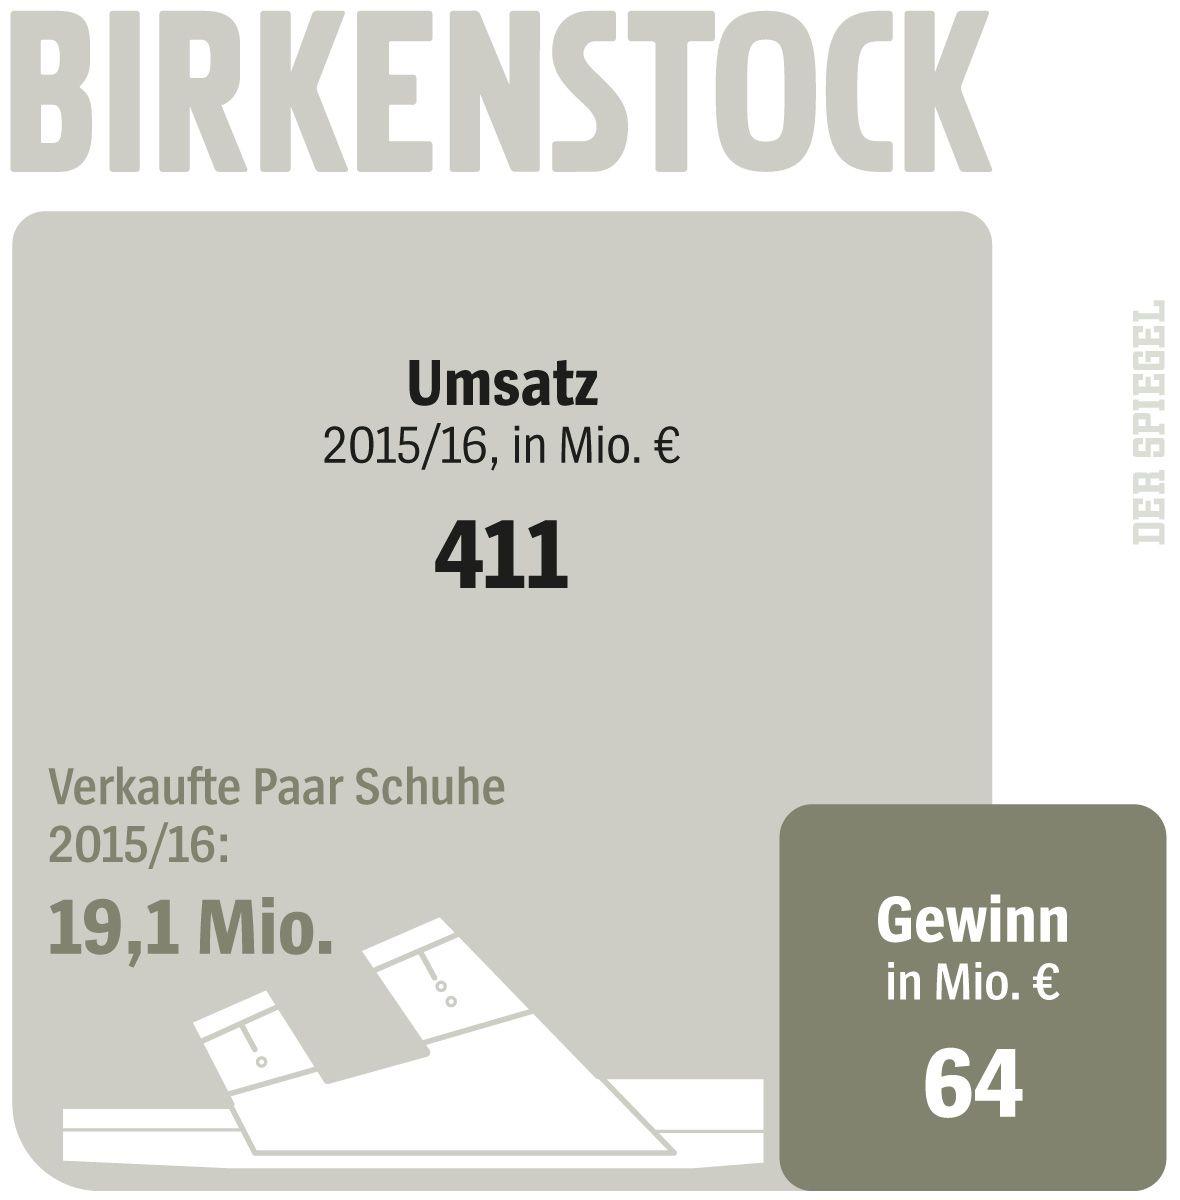 SPIEGEL 52/2017 Grafik Birkenstock / Umsatz